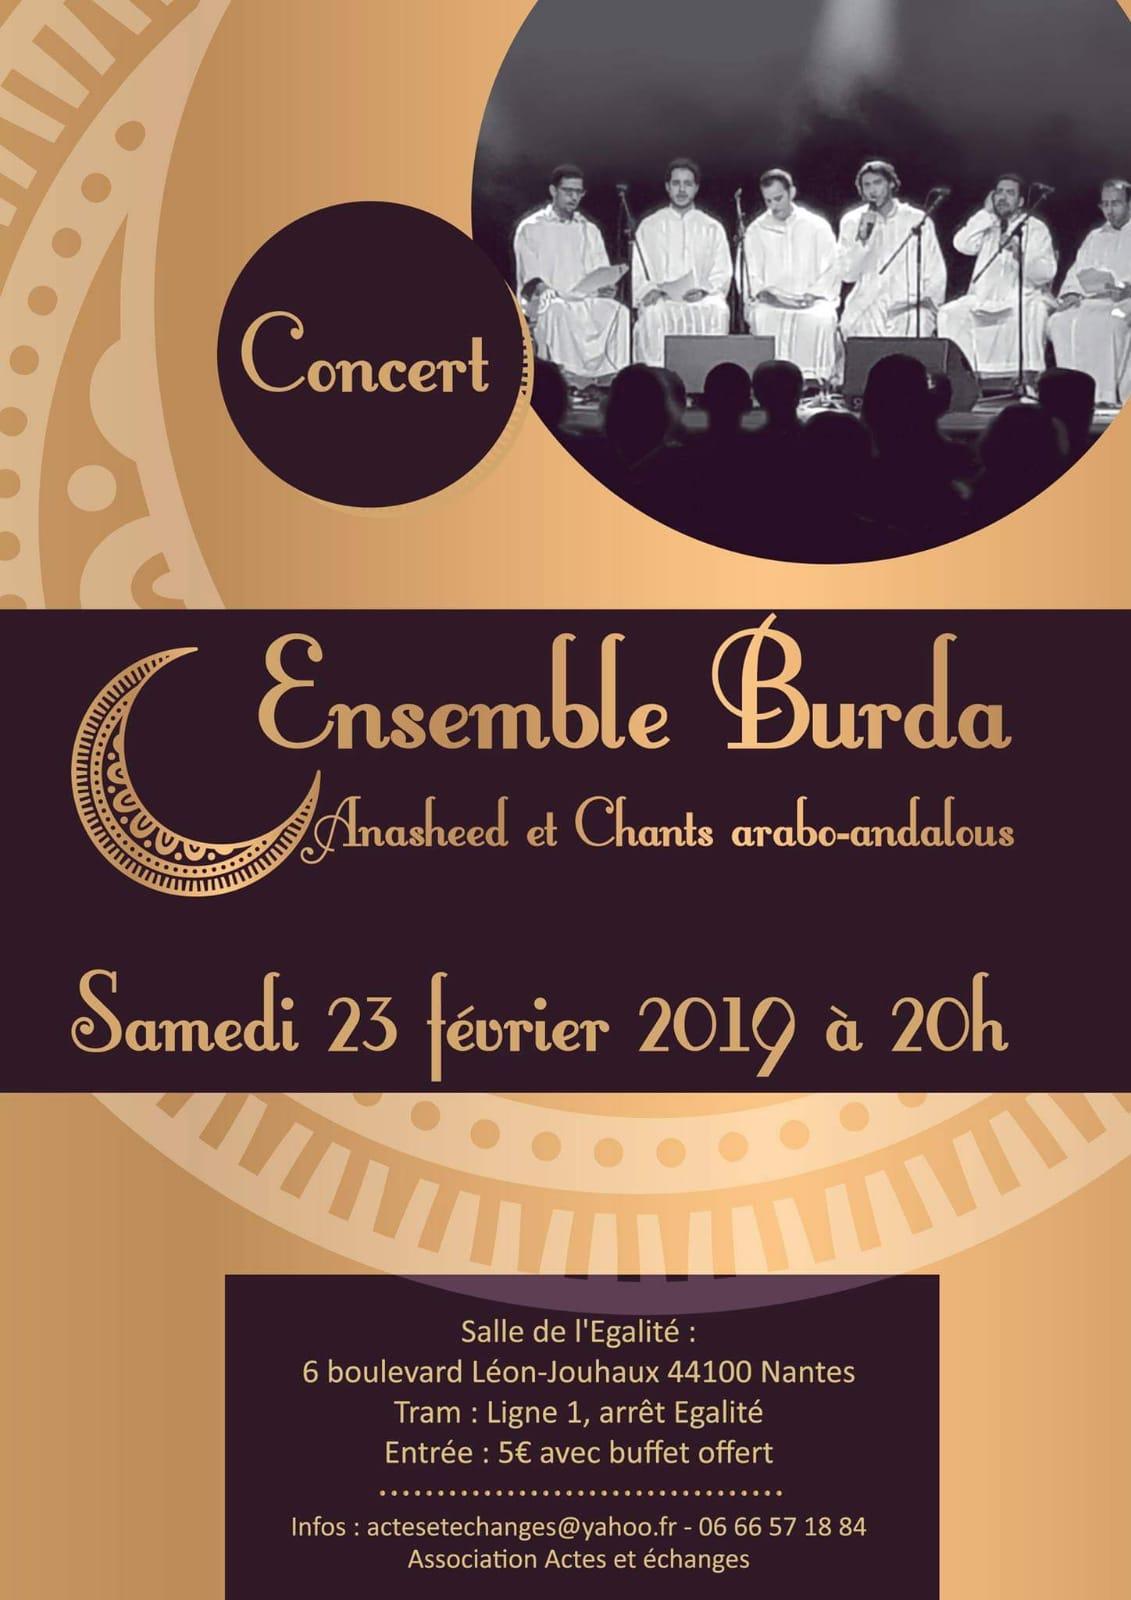 https://www.saphirnews.com/agenda/Concert-anasheed-et-chants-arabo-andalous_ae624308.html